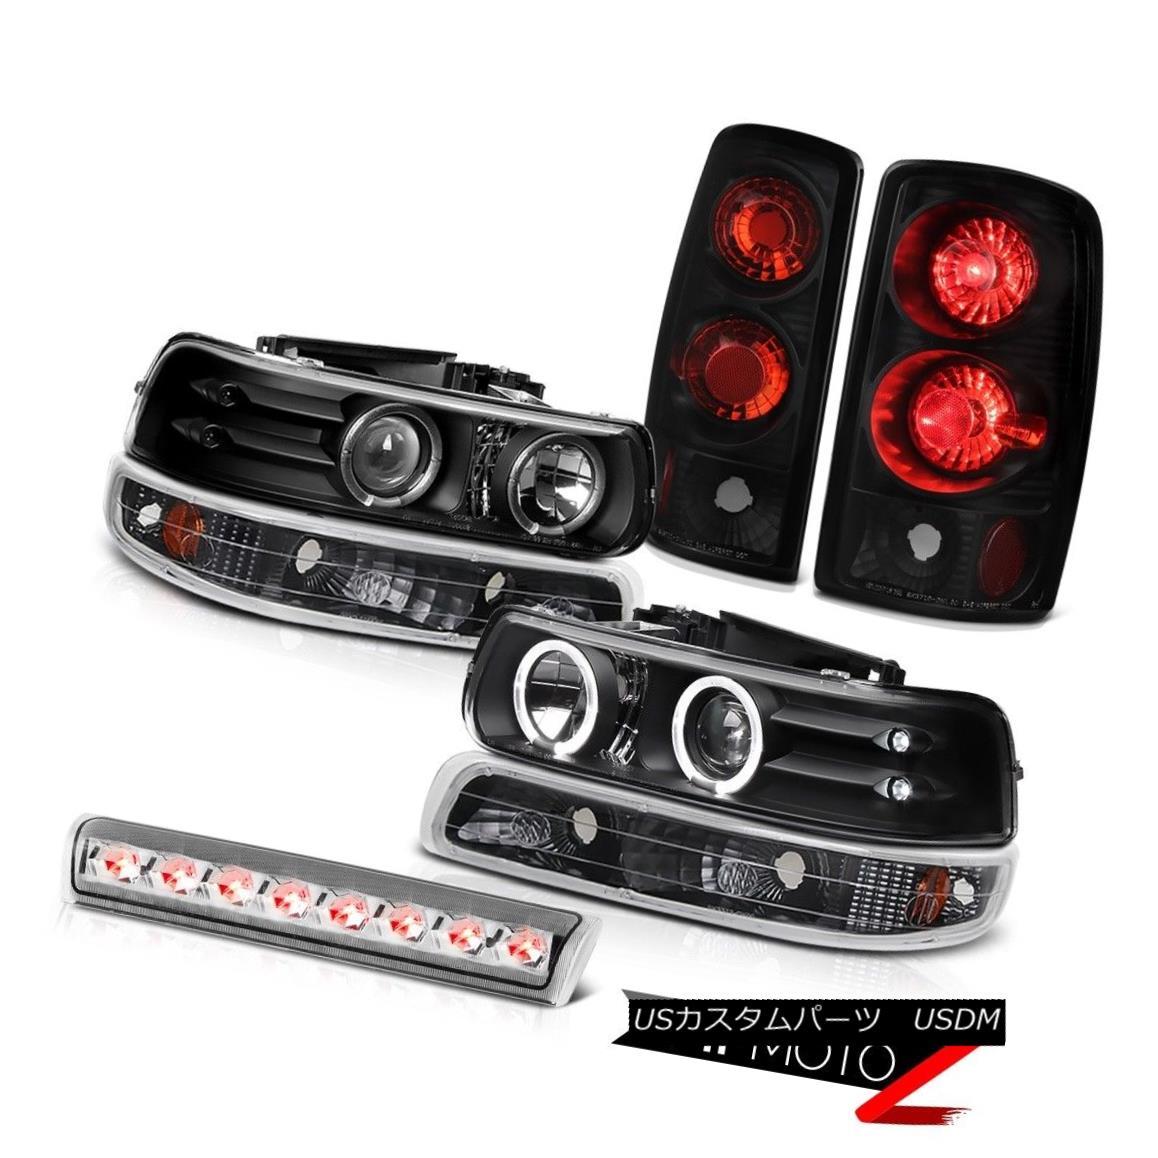 テールライト Halo Headlight Bumper Rear Black Taillamps Euro Third Brake LED 00-06 Tahoe 5.3L ヘイローヘッドライトバンパーリアブラックタイランプユーロサードブレーキLED 00-06タホー5.3L